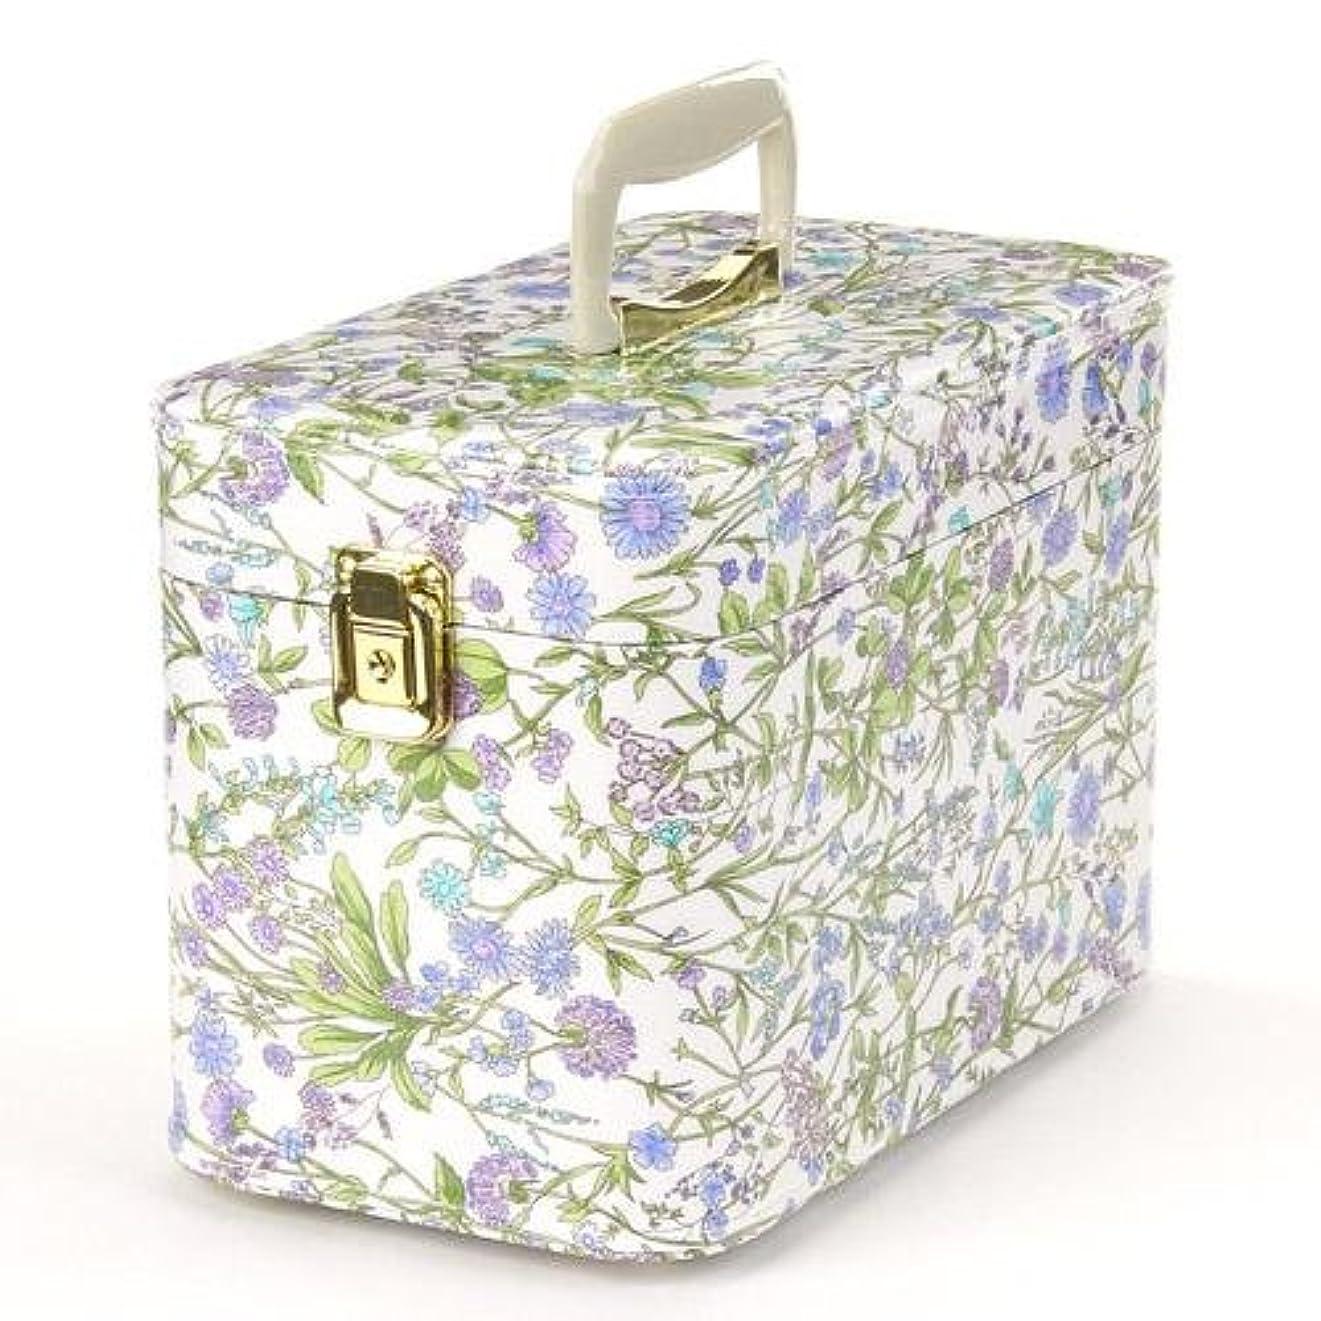 市場グローブ立ち向かう日本製 メイクボックス (コスメボックス)ハーブガーデン 30cm スカイブルー トレンケース(鍵付き/コスメボックス)